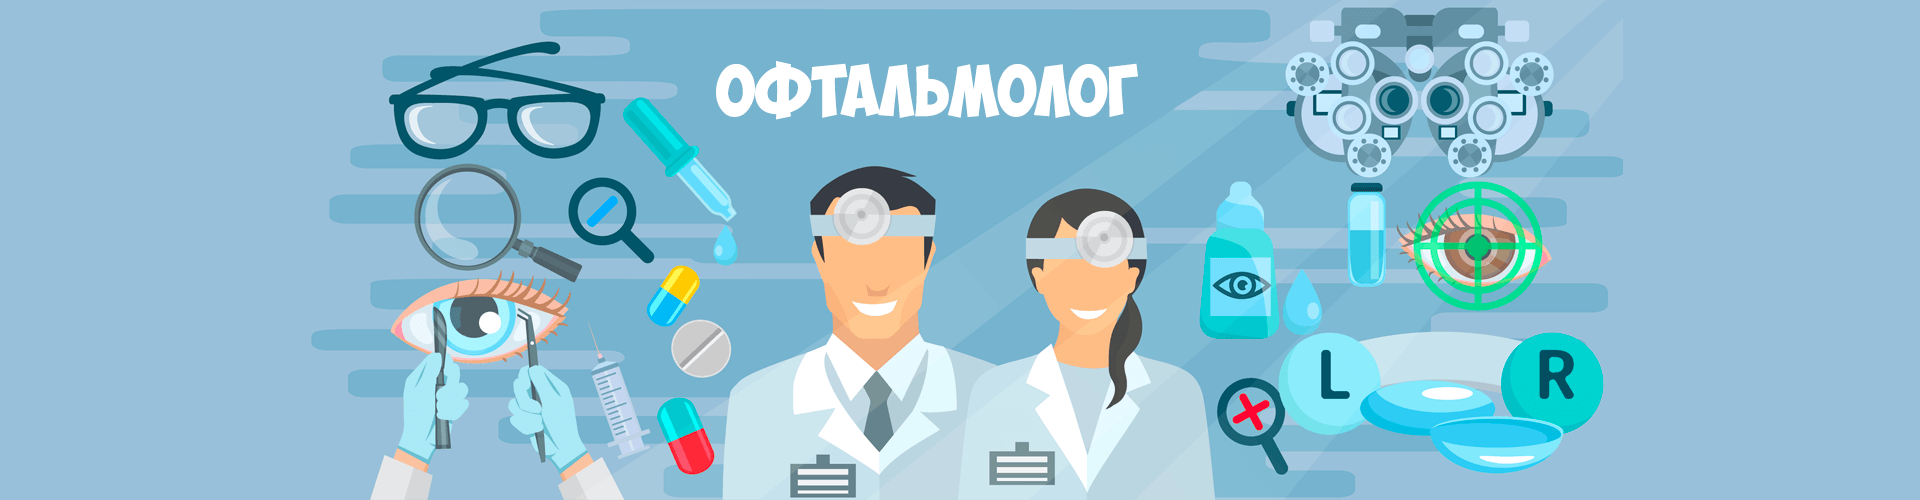 Как называется глазной врач? Что входит в его обязанности?